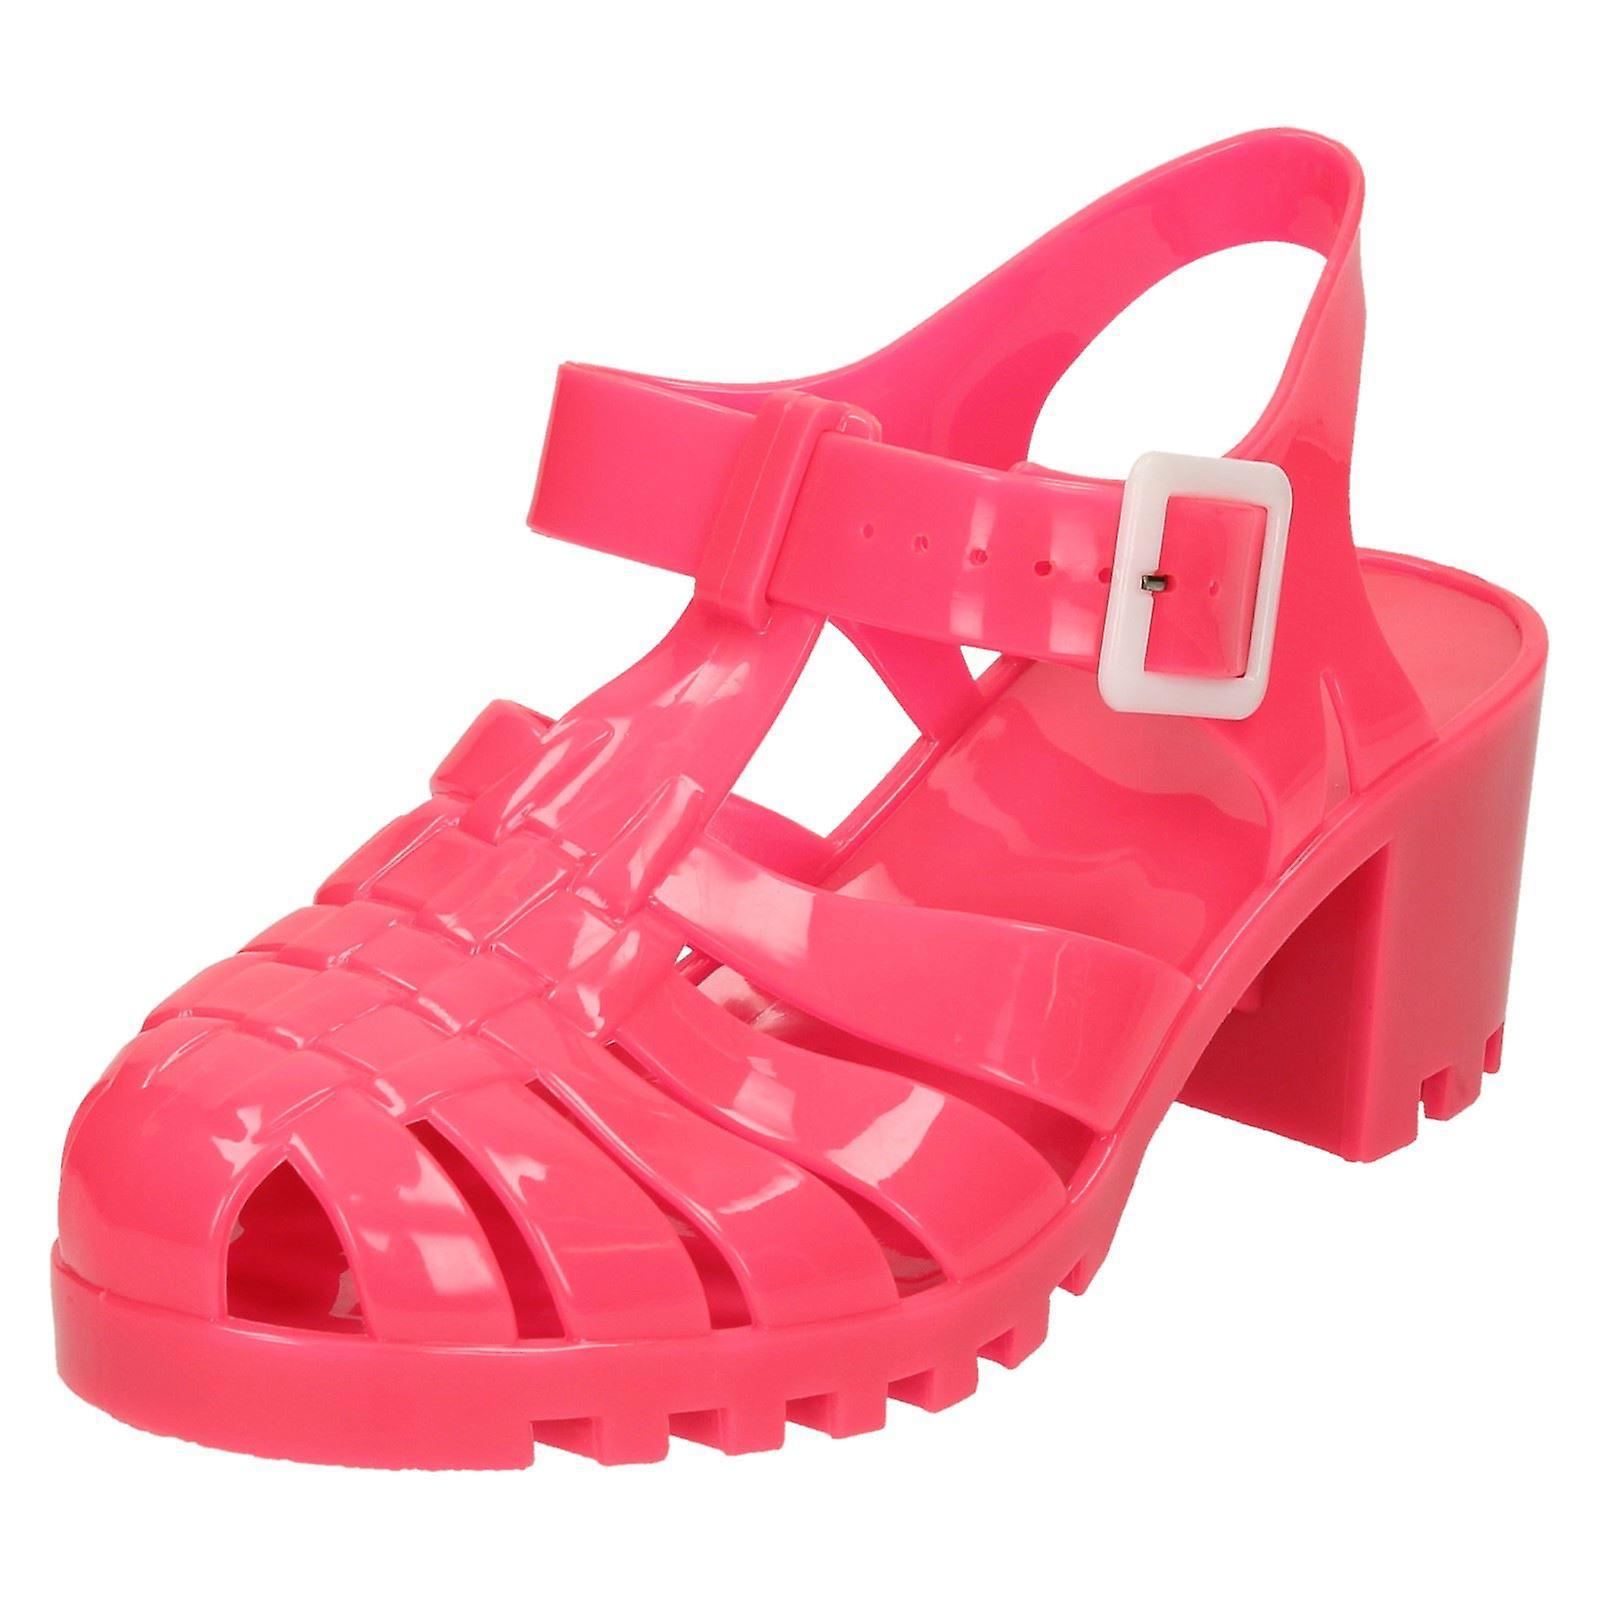 Miejscu panie na połowie masywny obcas galaretki sandały F9683 1WuvP